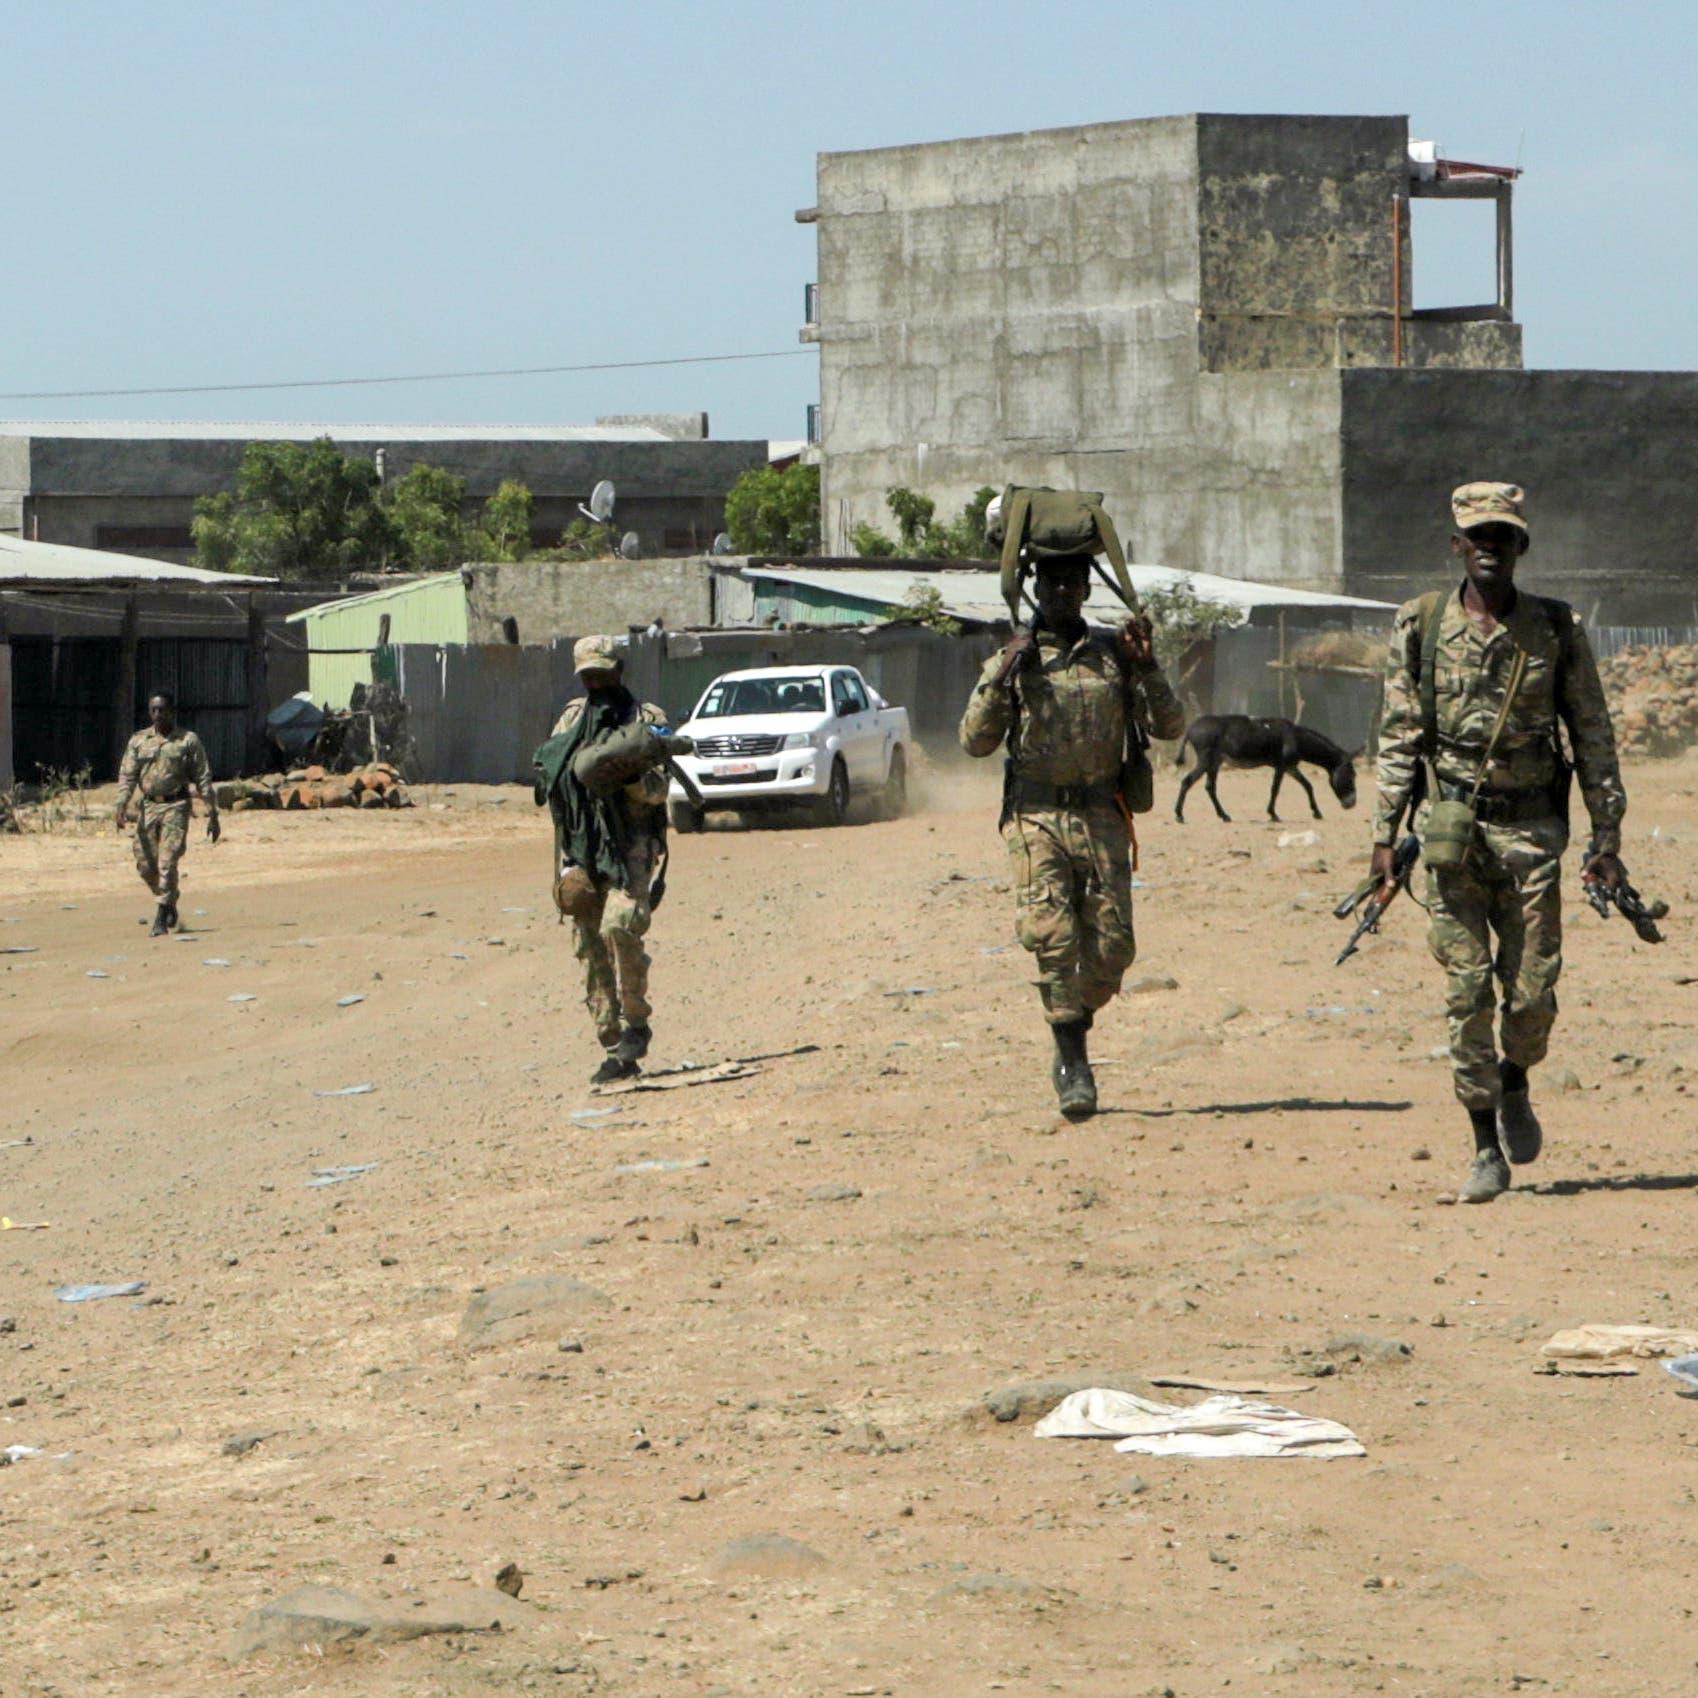 بعد تقدم متمردي تيغراي.. إثيوبيا تهدد بنشر قدرات دفاعية